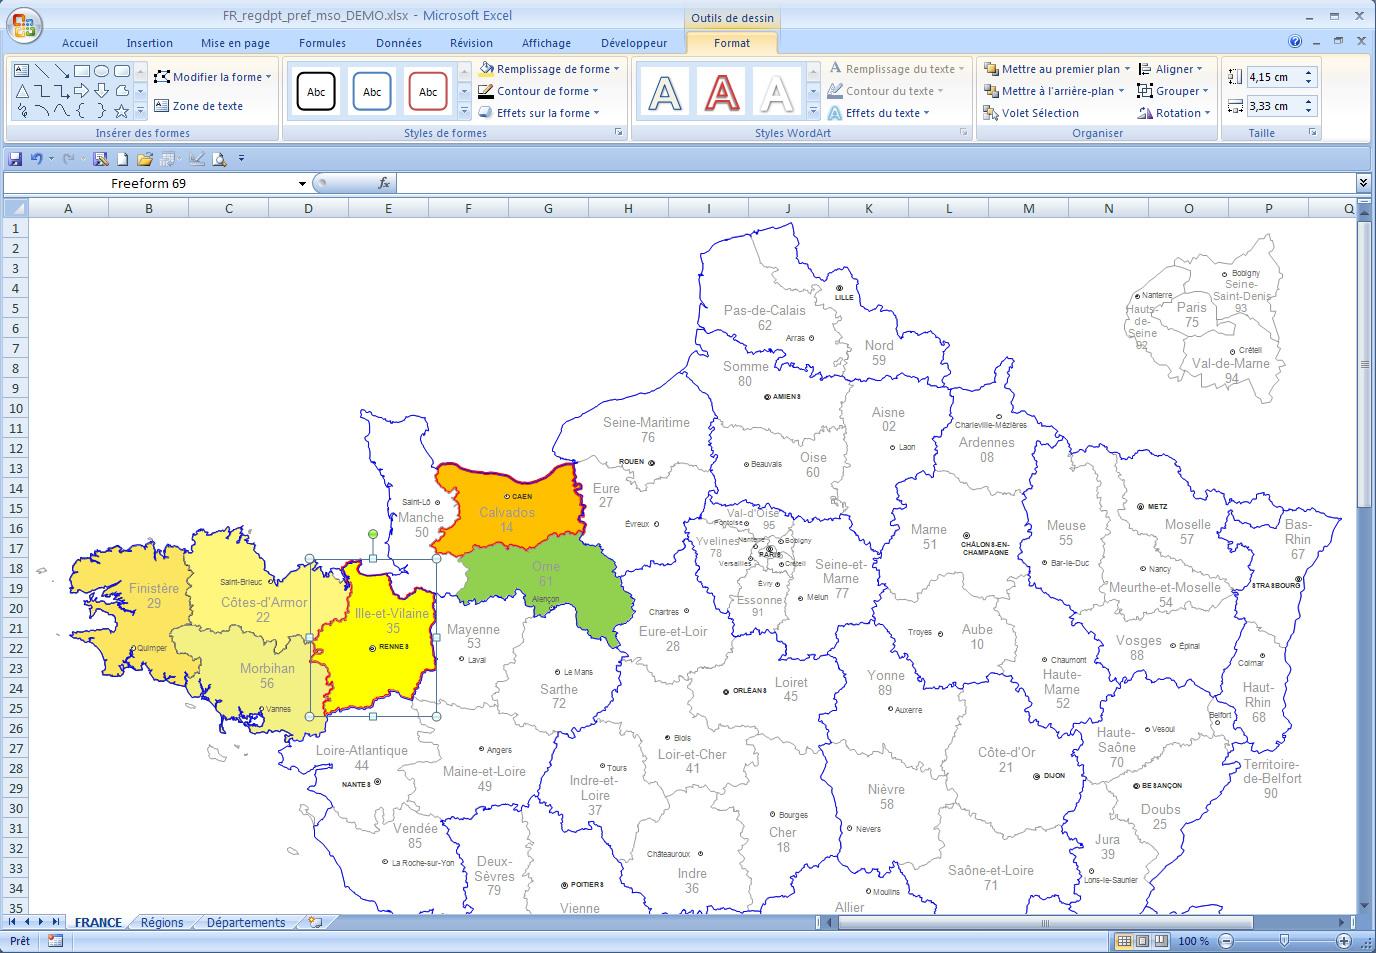 Départements De France Pour Word Et Excel Modifiable dedans Les Nouvelles Régions De France Et Leurs Départements